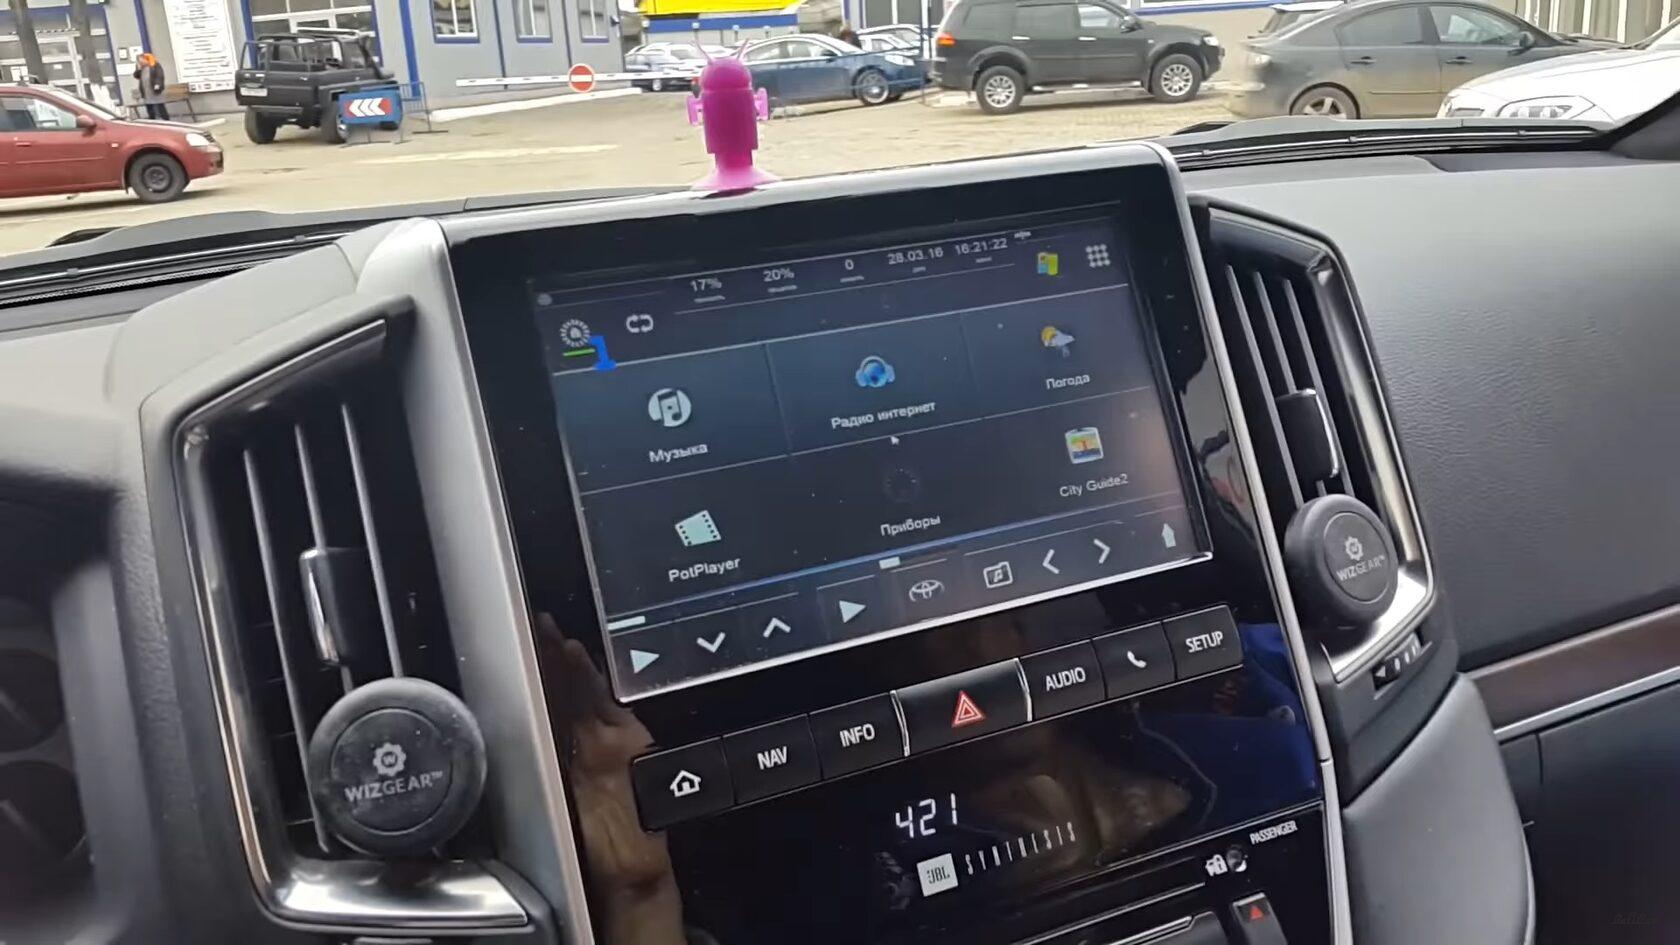 подключение windows car pc к штатной магнитоле ленд круйзер 200